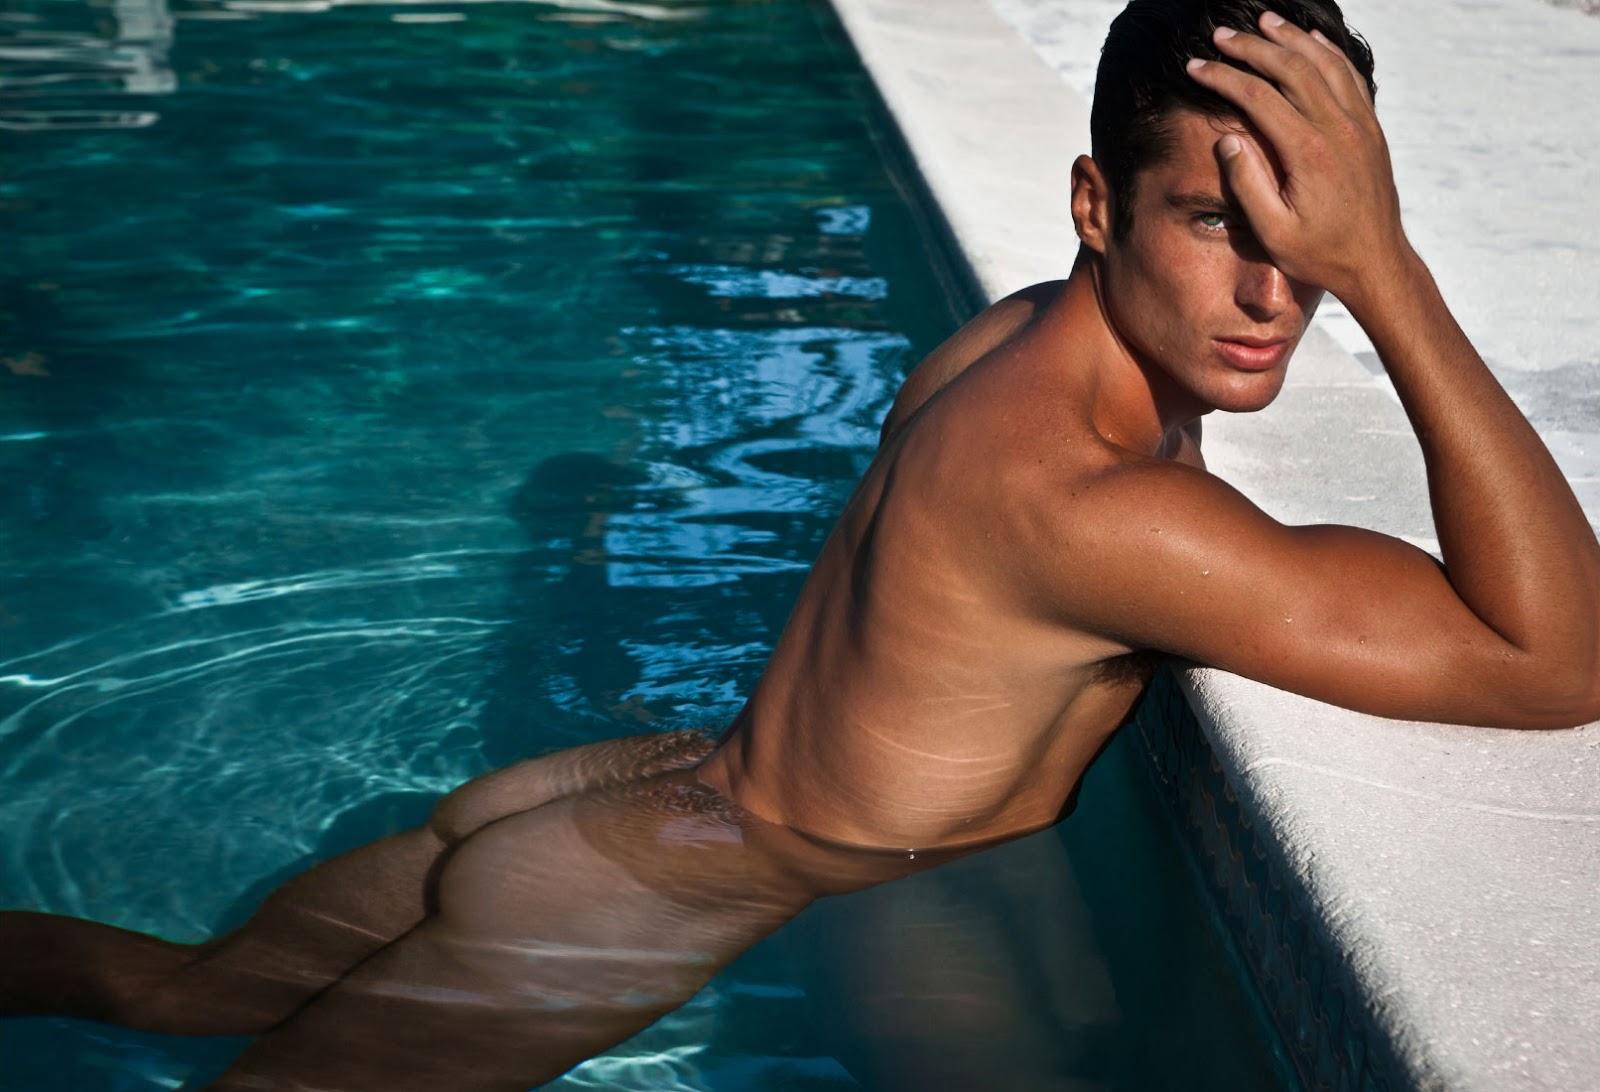 данной категории голые парни в городском бассейне читать дальше